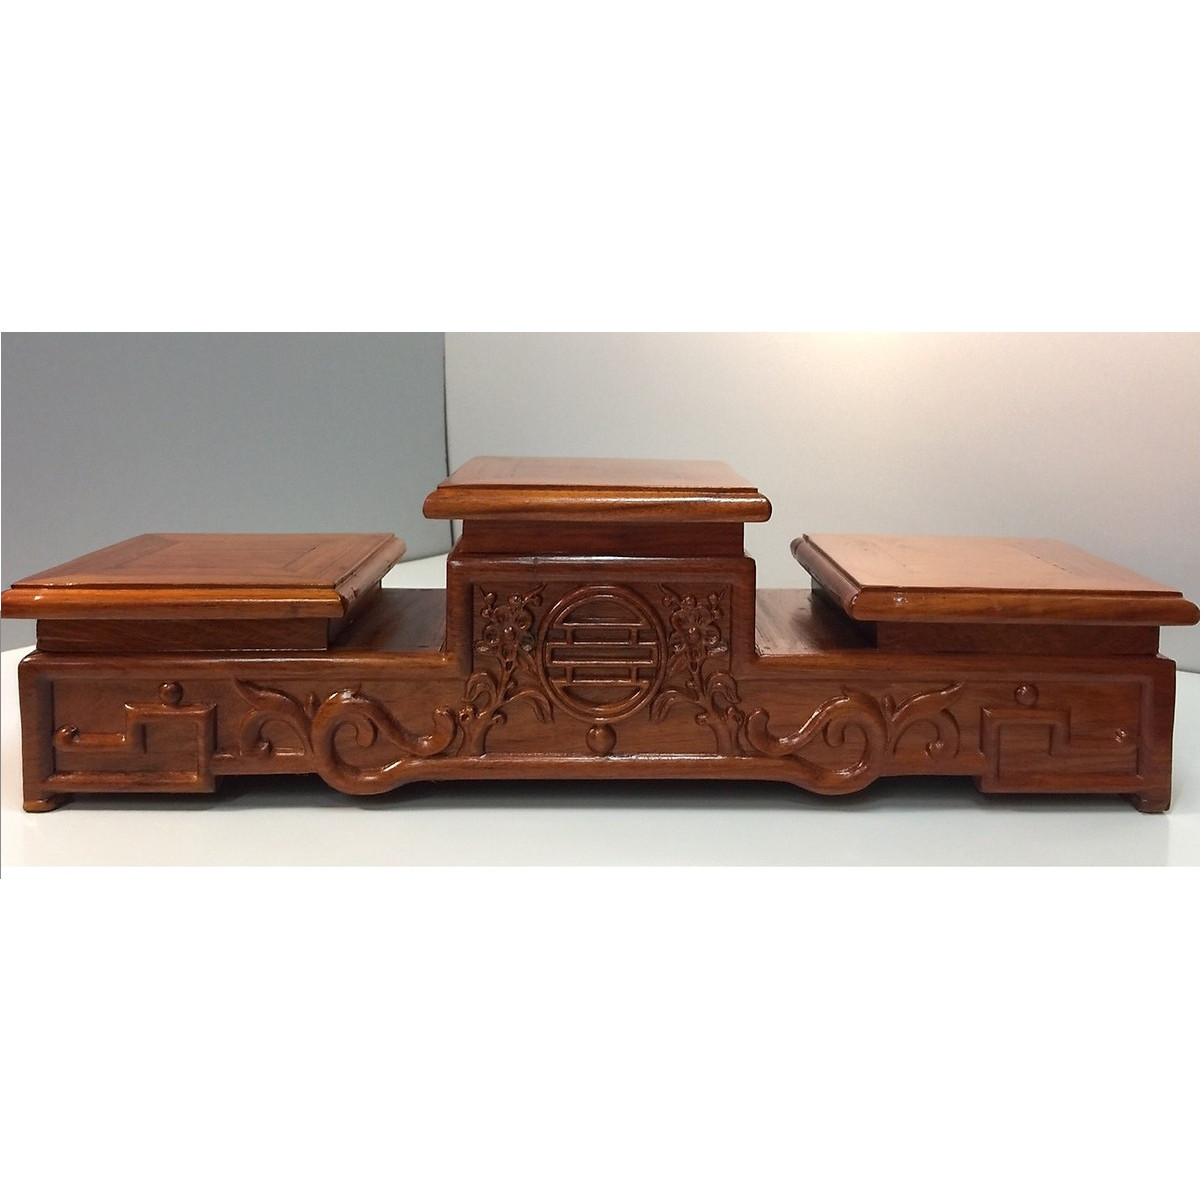 Đế đặt bát nhang 22 - gỗ hương AN1333